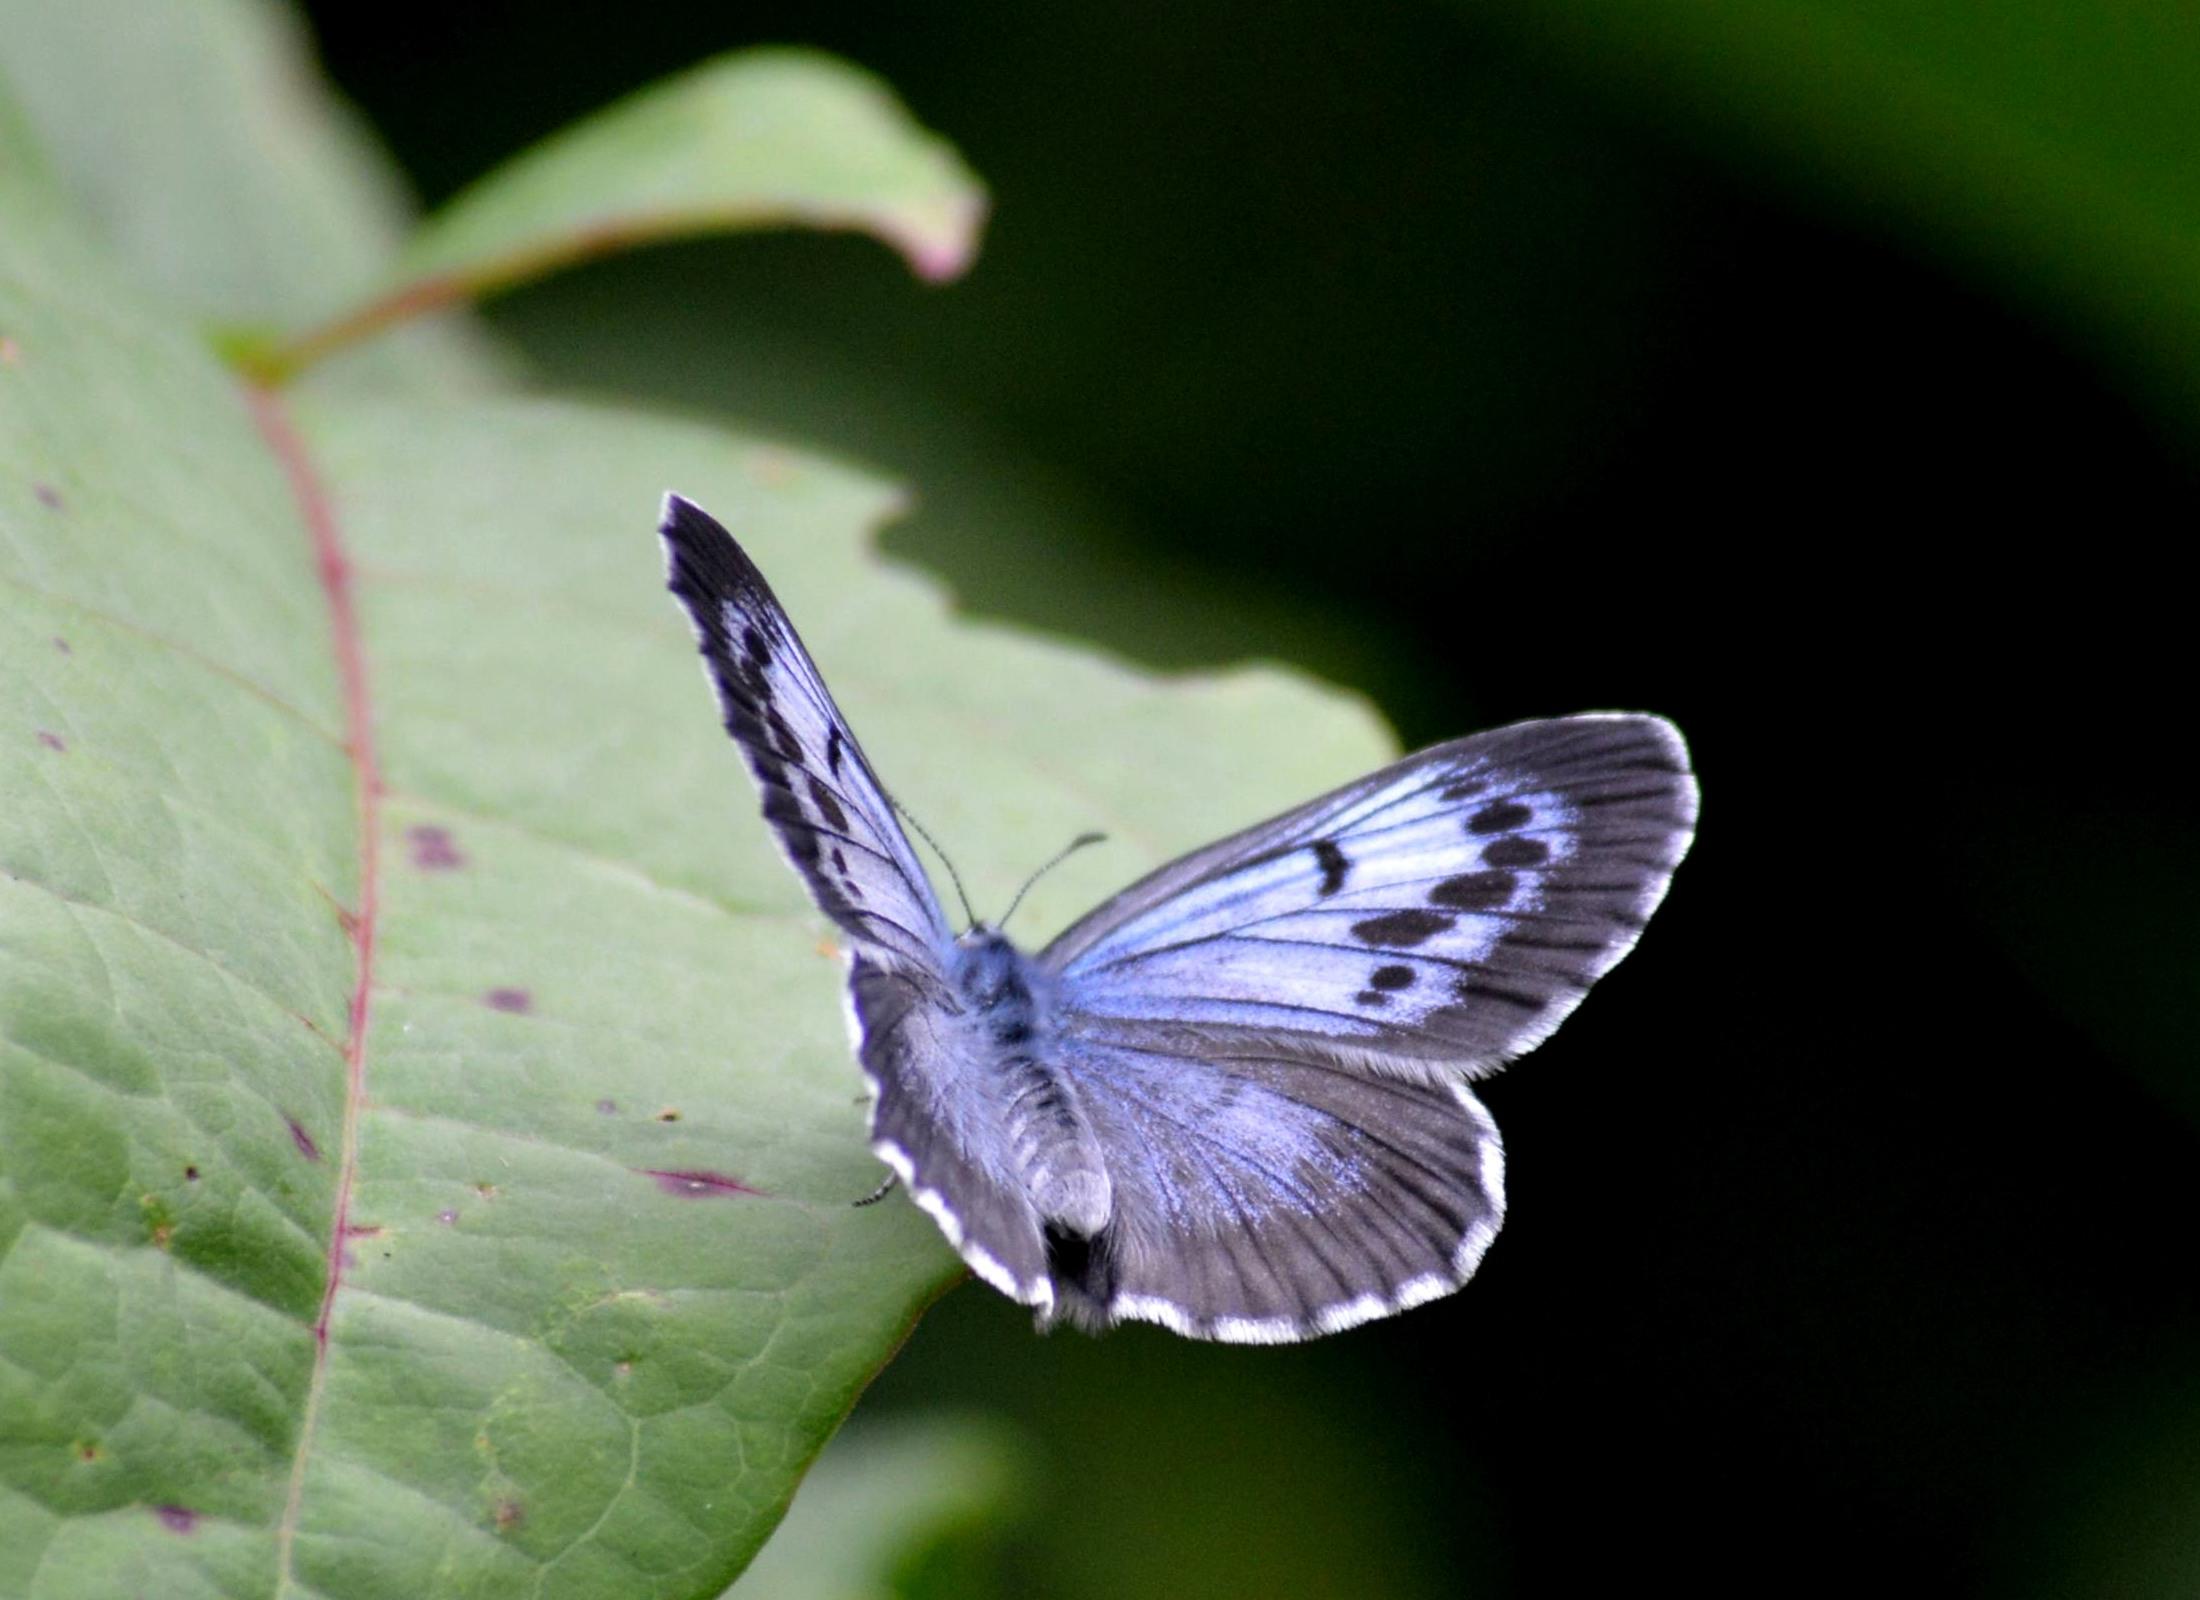 オオゴマシジミ やっぱりハードルの高い蝶でした_d0254540_5421029.jpg